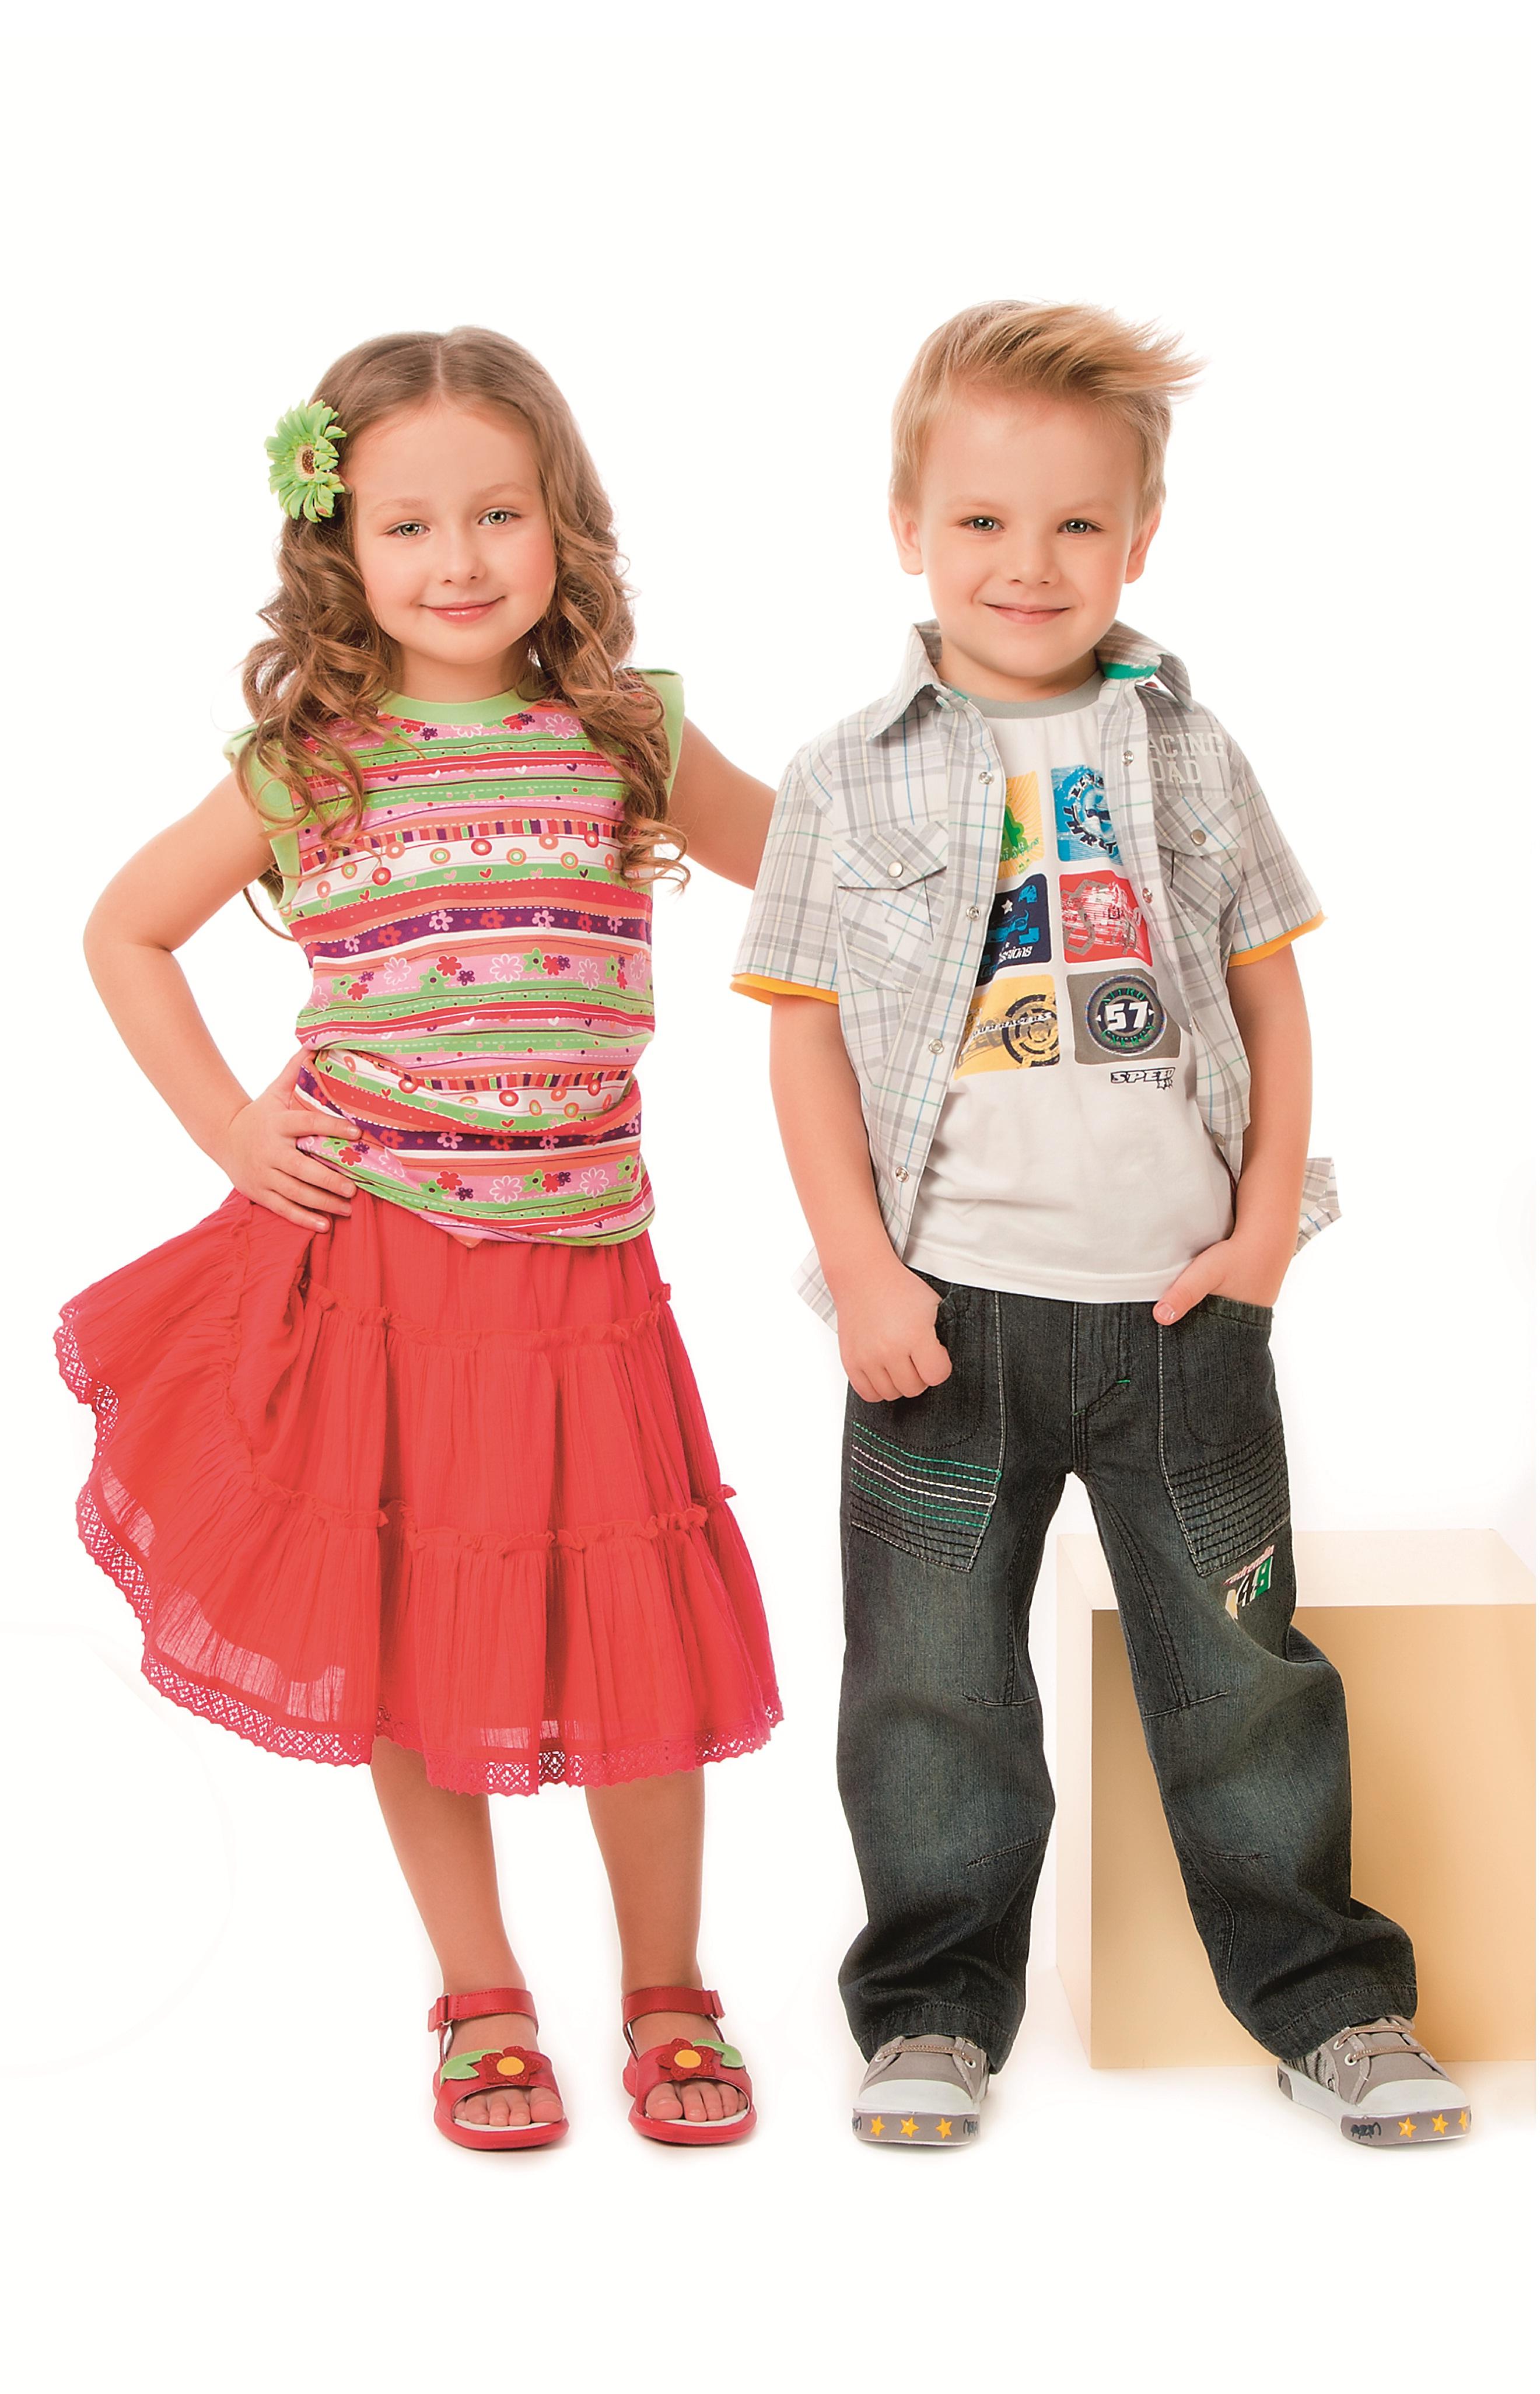 Детская одежда и обувь. Все для детей. Каталог детских сайтов